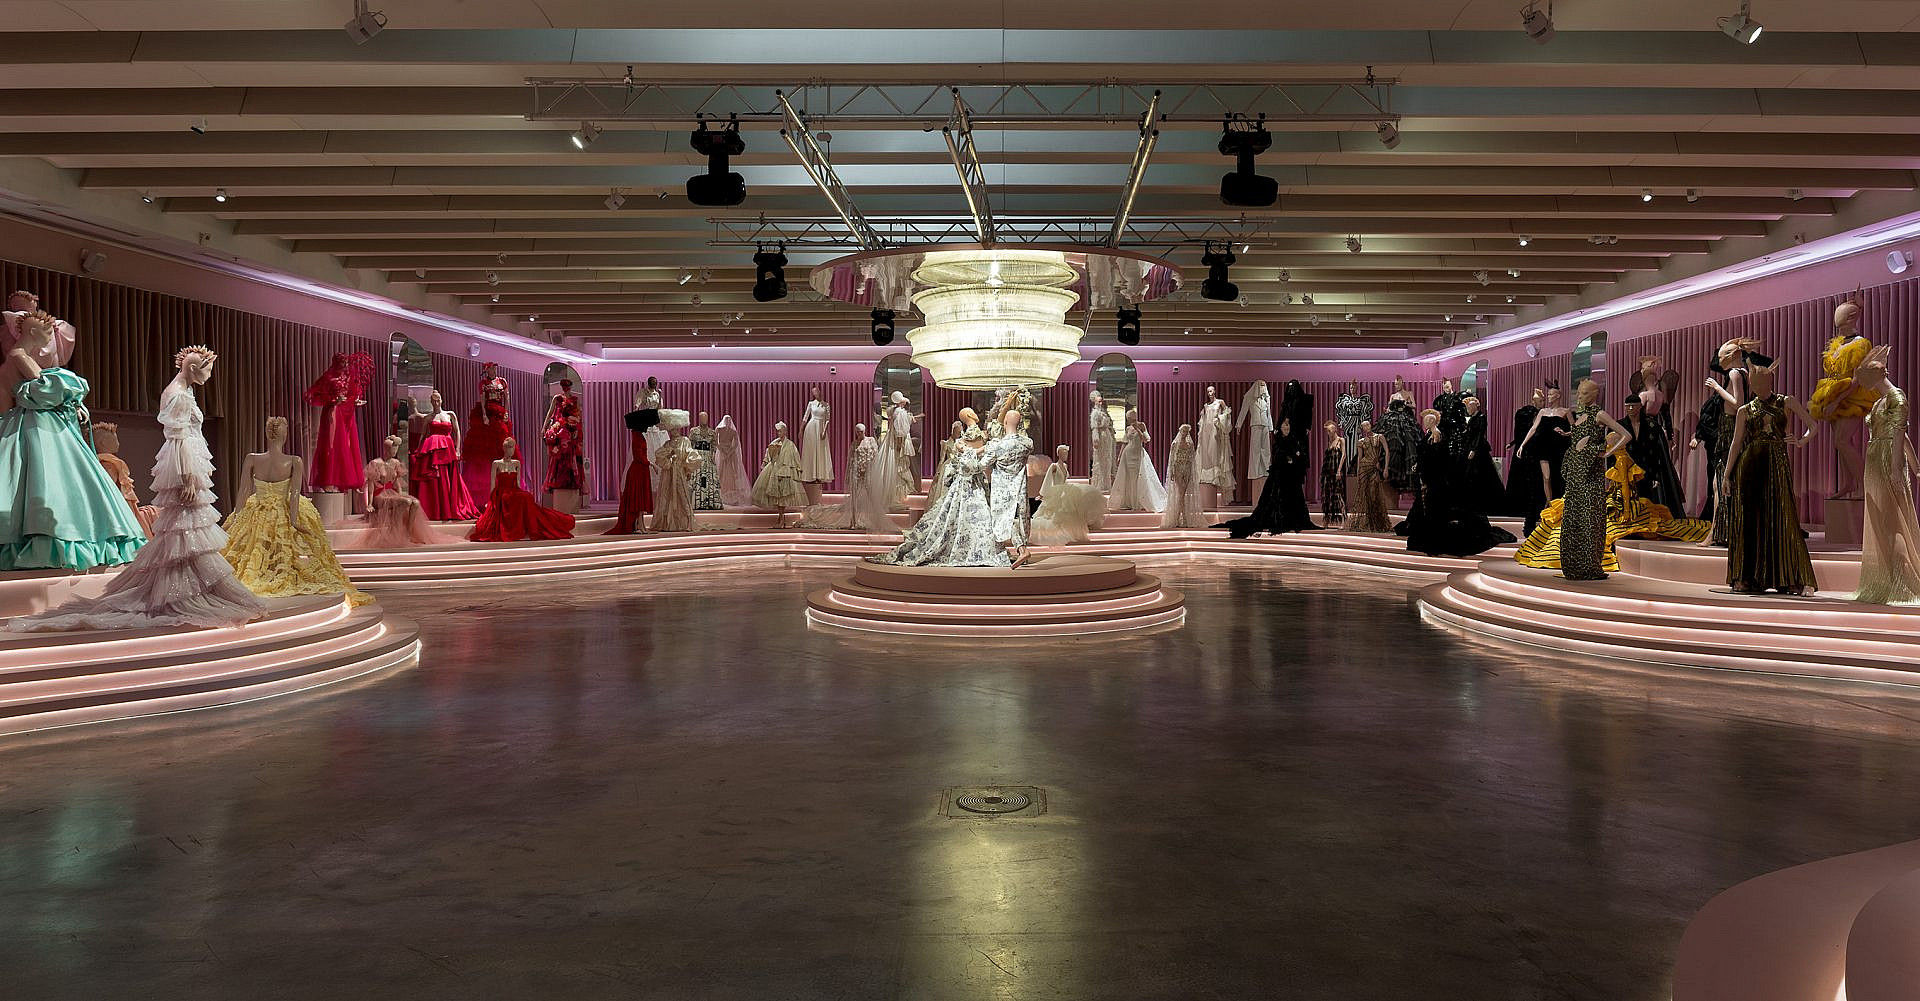 תערוכת הנשף במוזיאון העיצוב חולון. כפיים, אבל כזה בנימוס. צילום: אלעד שריג